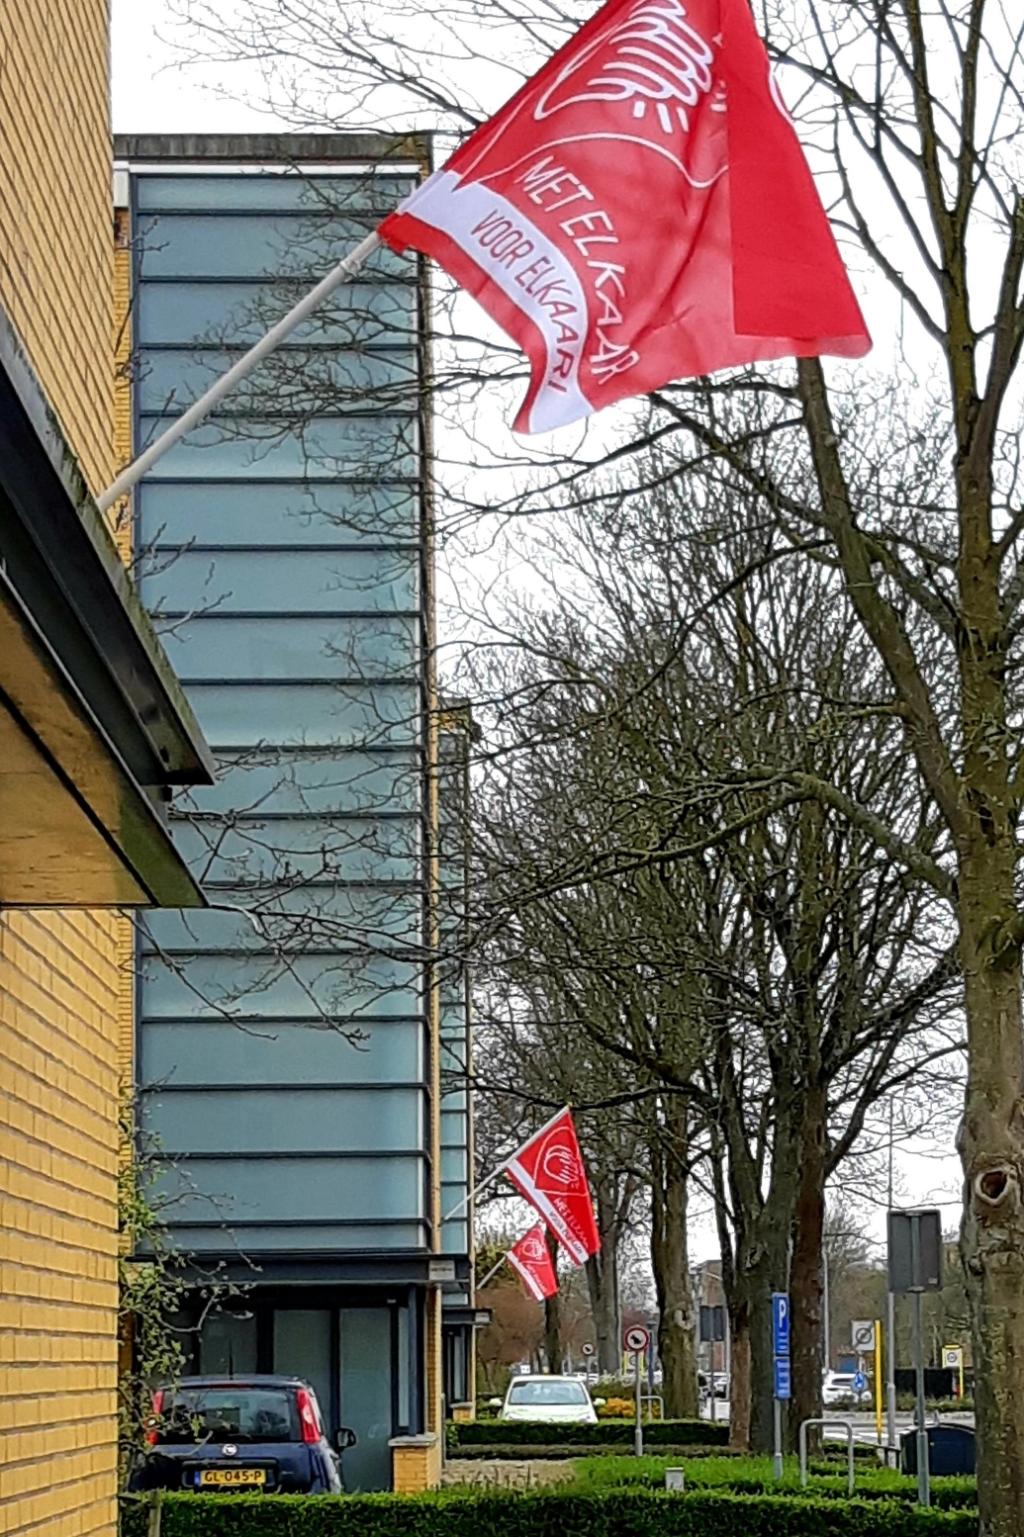 In rood-witte kleuren wapperen aan de Wadenoijenlaan – ter hoogte van het winkelcentrum Kwadrant – de vlaggen die verbondenheid etaleren. Foto: Marianne van der Ven © DPG Media